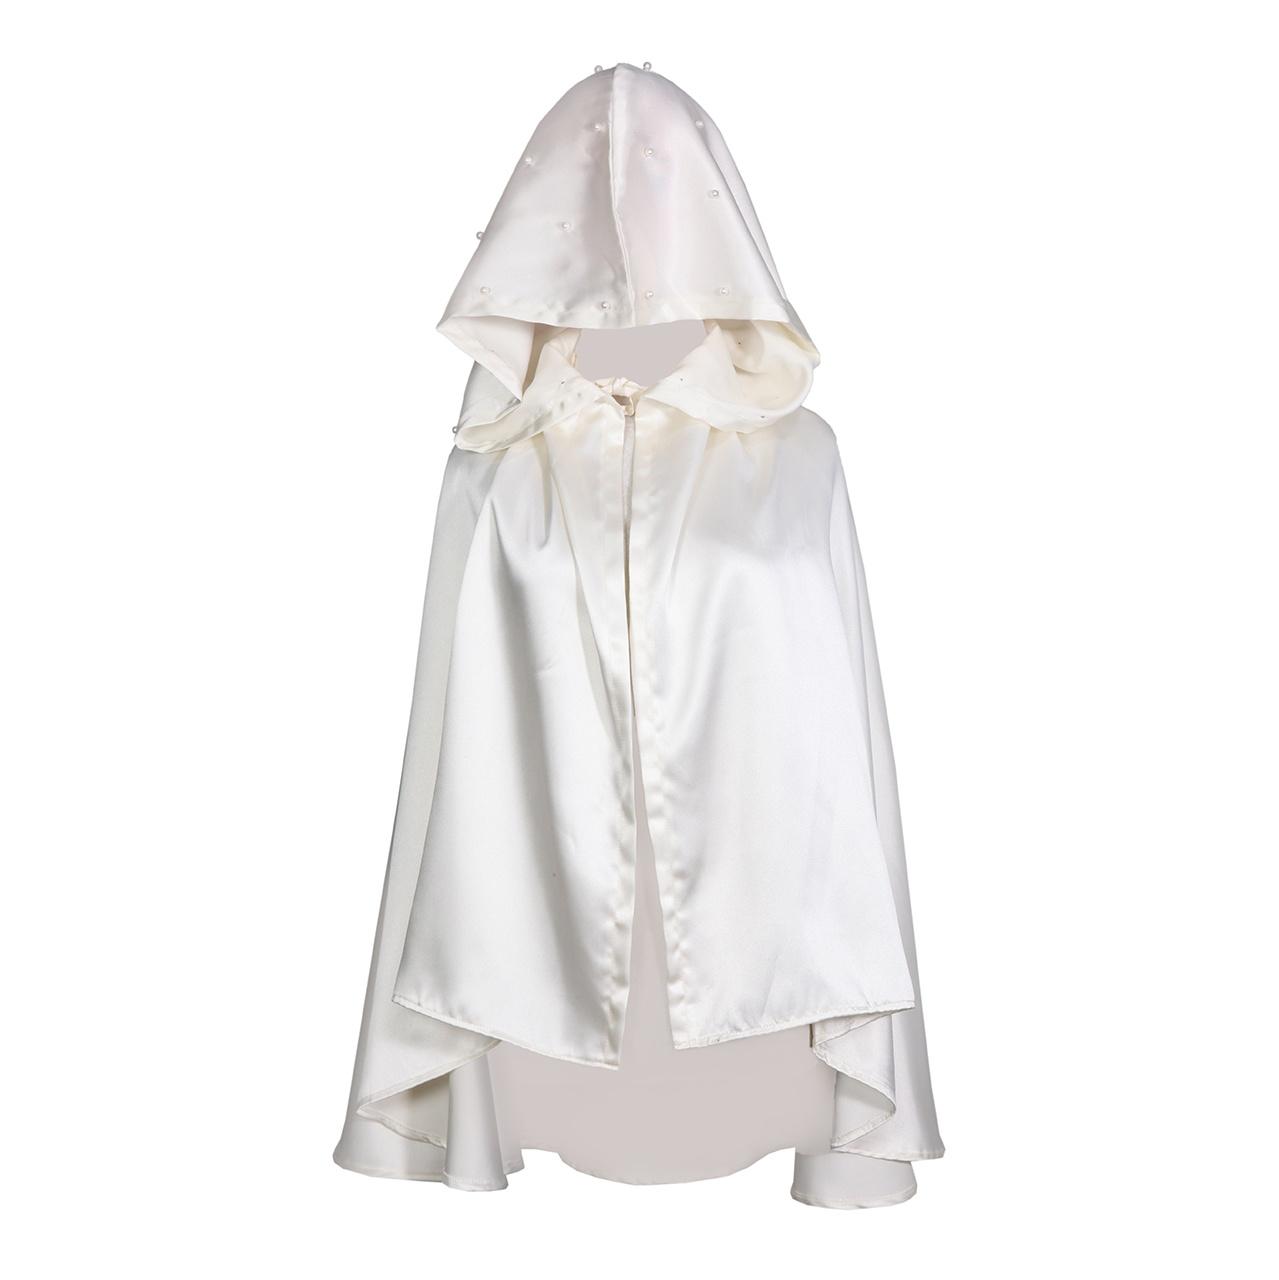 خرید ارزان شنل عروس جنس ساتن مدل مروارید کد 1077098